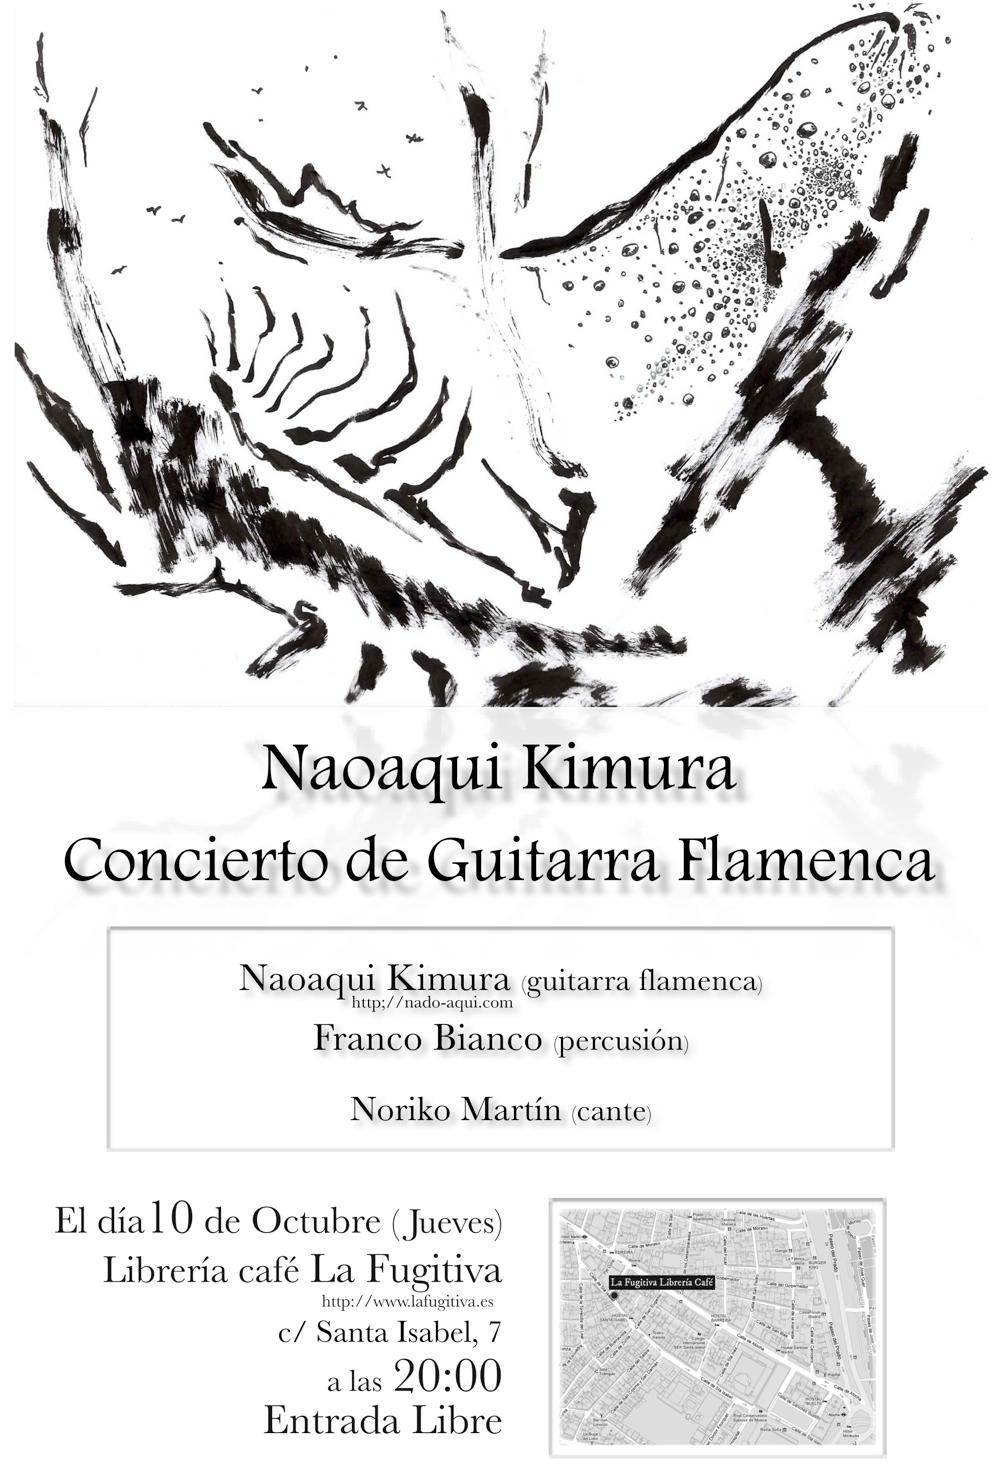 small 2013 10 10 Concierto en la Fugitiva_0001